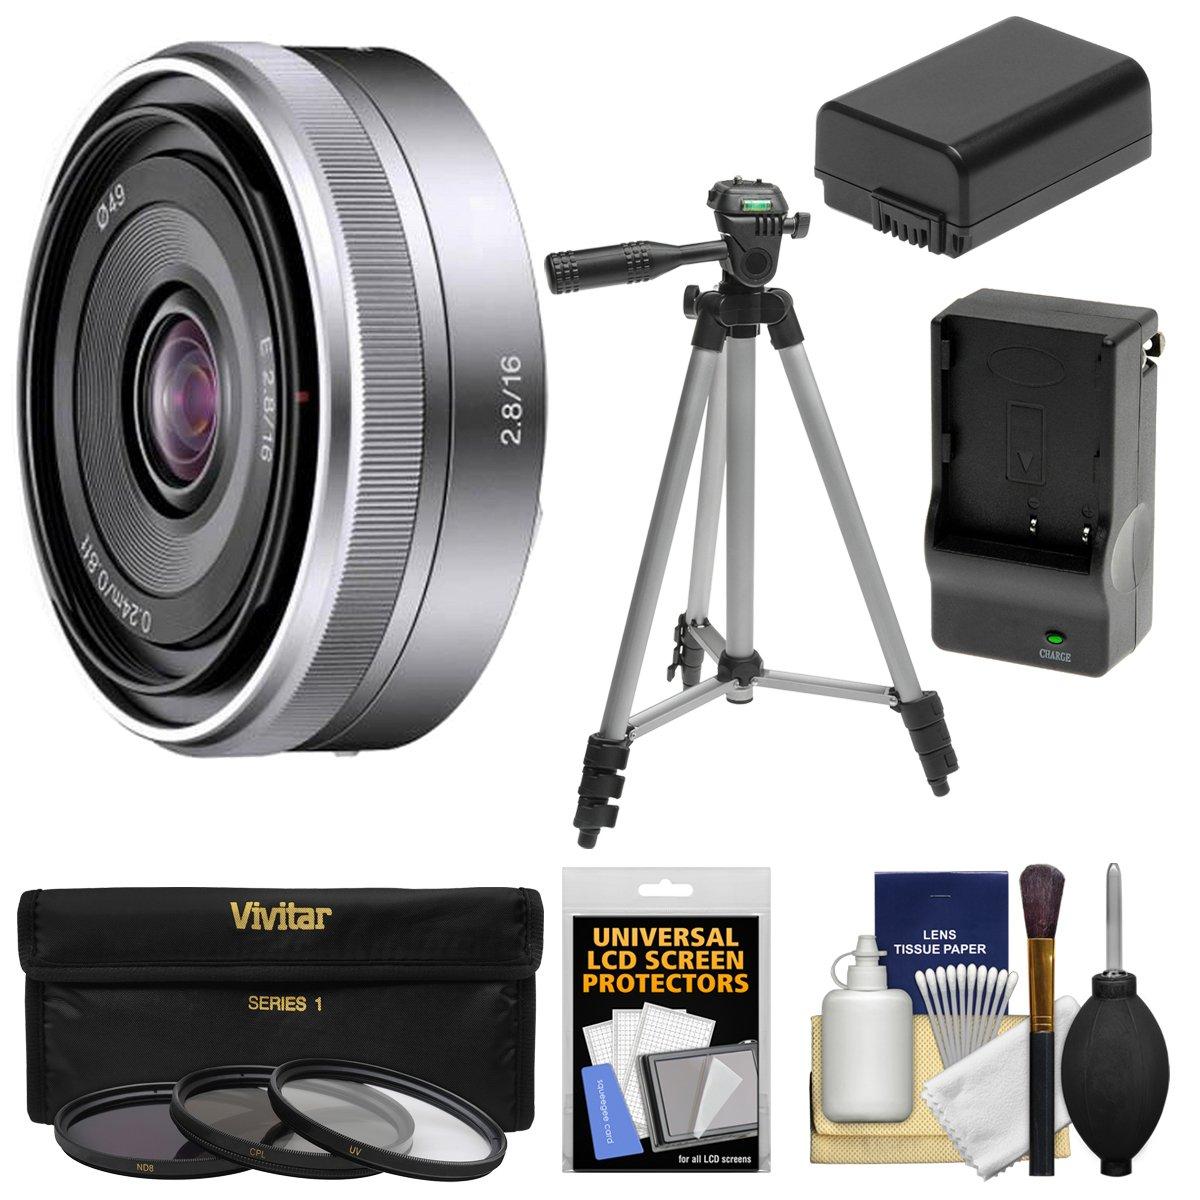 Sonyアルファe-mount E 16 mm f / 2.8レンズwith 3フィルタ+三脚+ np-fw50バッテリー&充電器+キットfor a7 , a7r, a7s Mark II、a5100、a6000、a6300カメラ   B00LUUO050